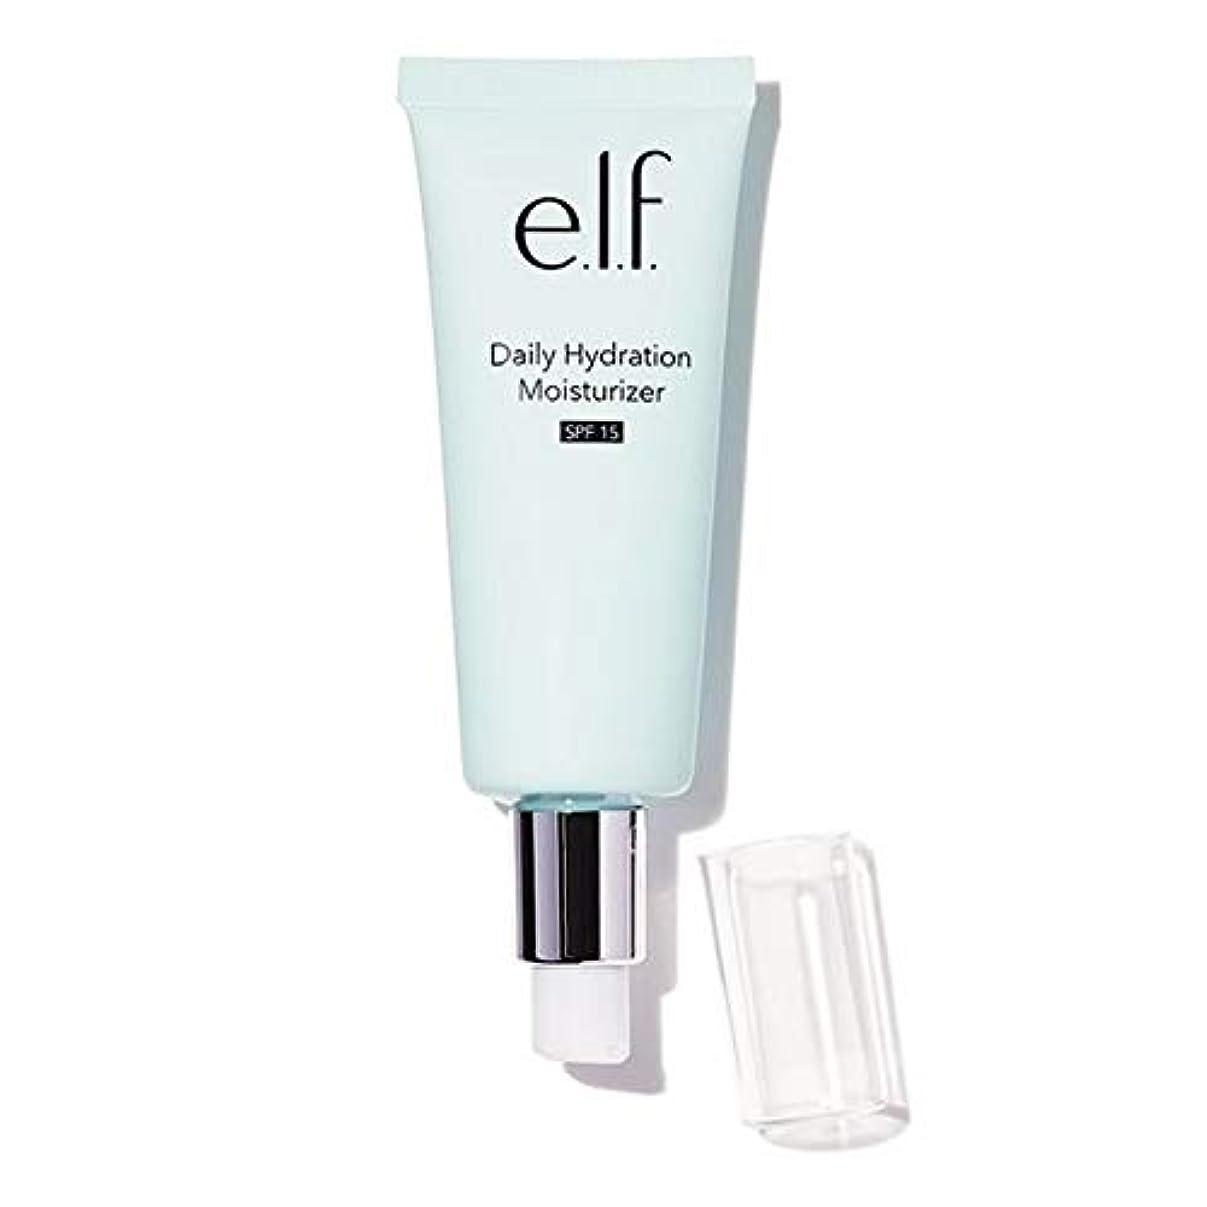 衝突する金属ケイ素[Elf ] エルフ。毎日水和保湿75ミリリットル - e.l.f. Daily Hydration Moisturiser 75ml [並行輸入品]